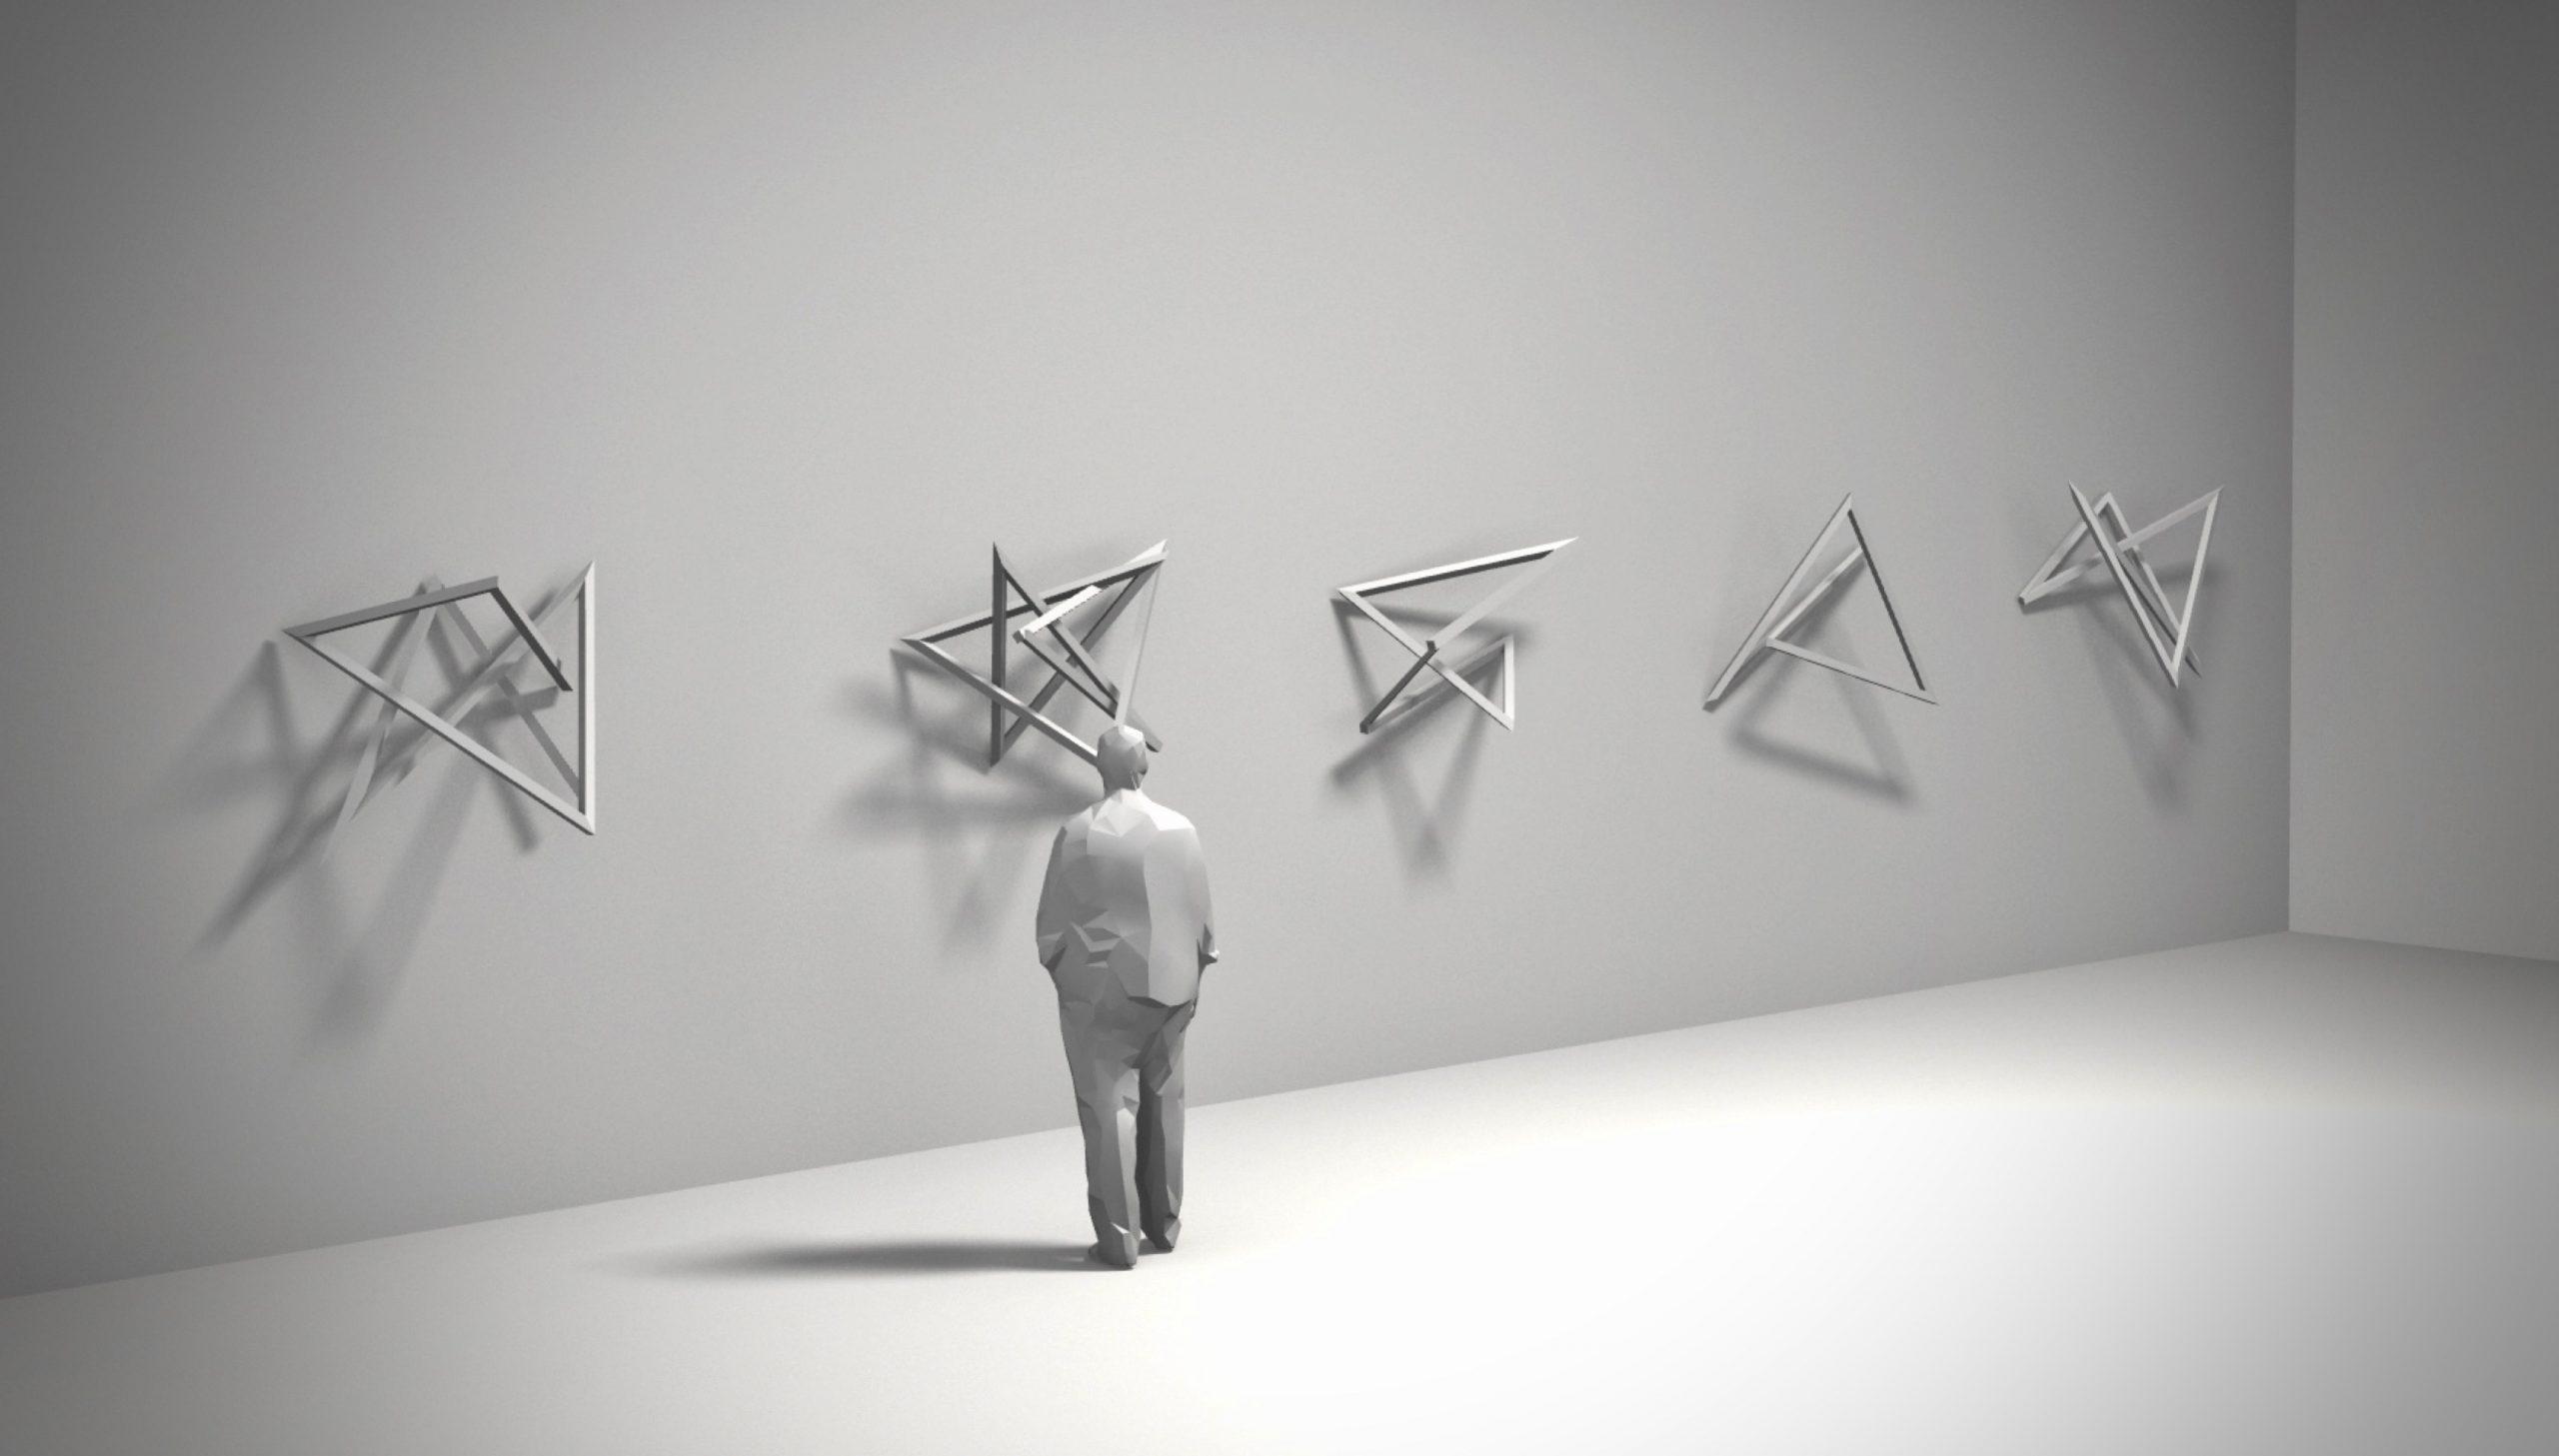 wall-light-installation-01